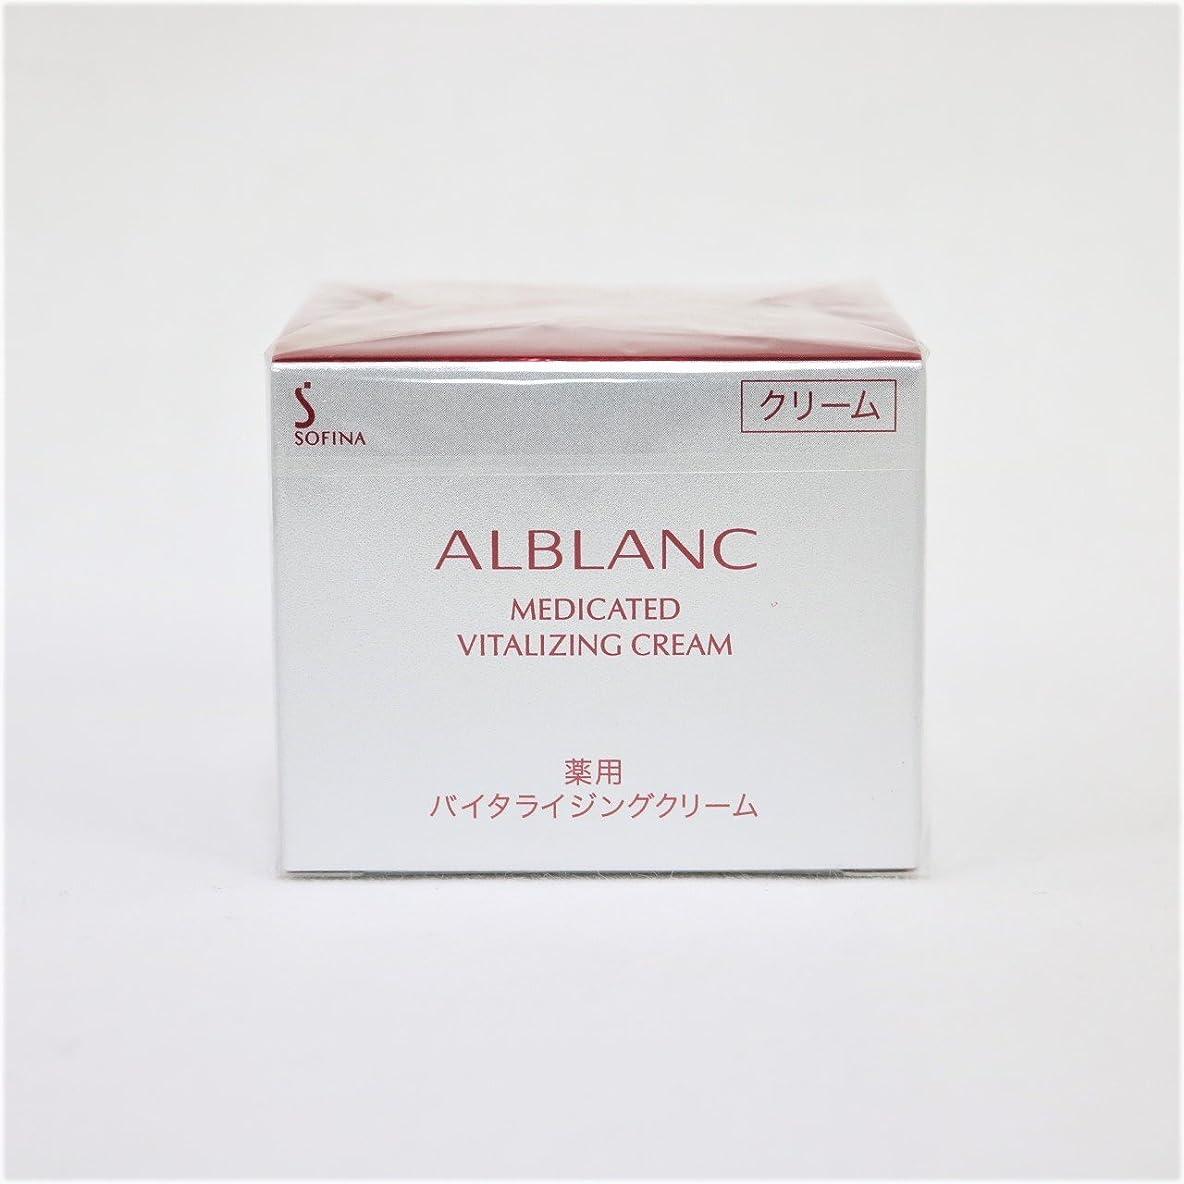 土自治的デッドロックソフィーナ アルブラン 薬用バイタライジングクリーム 40g